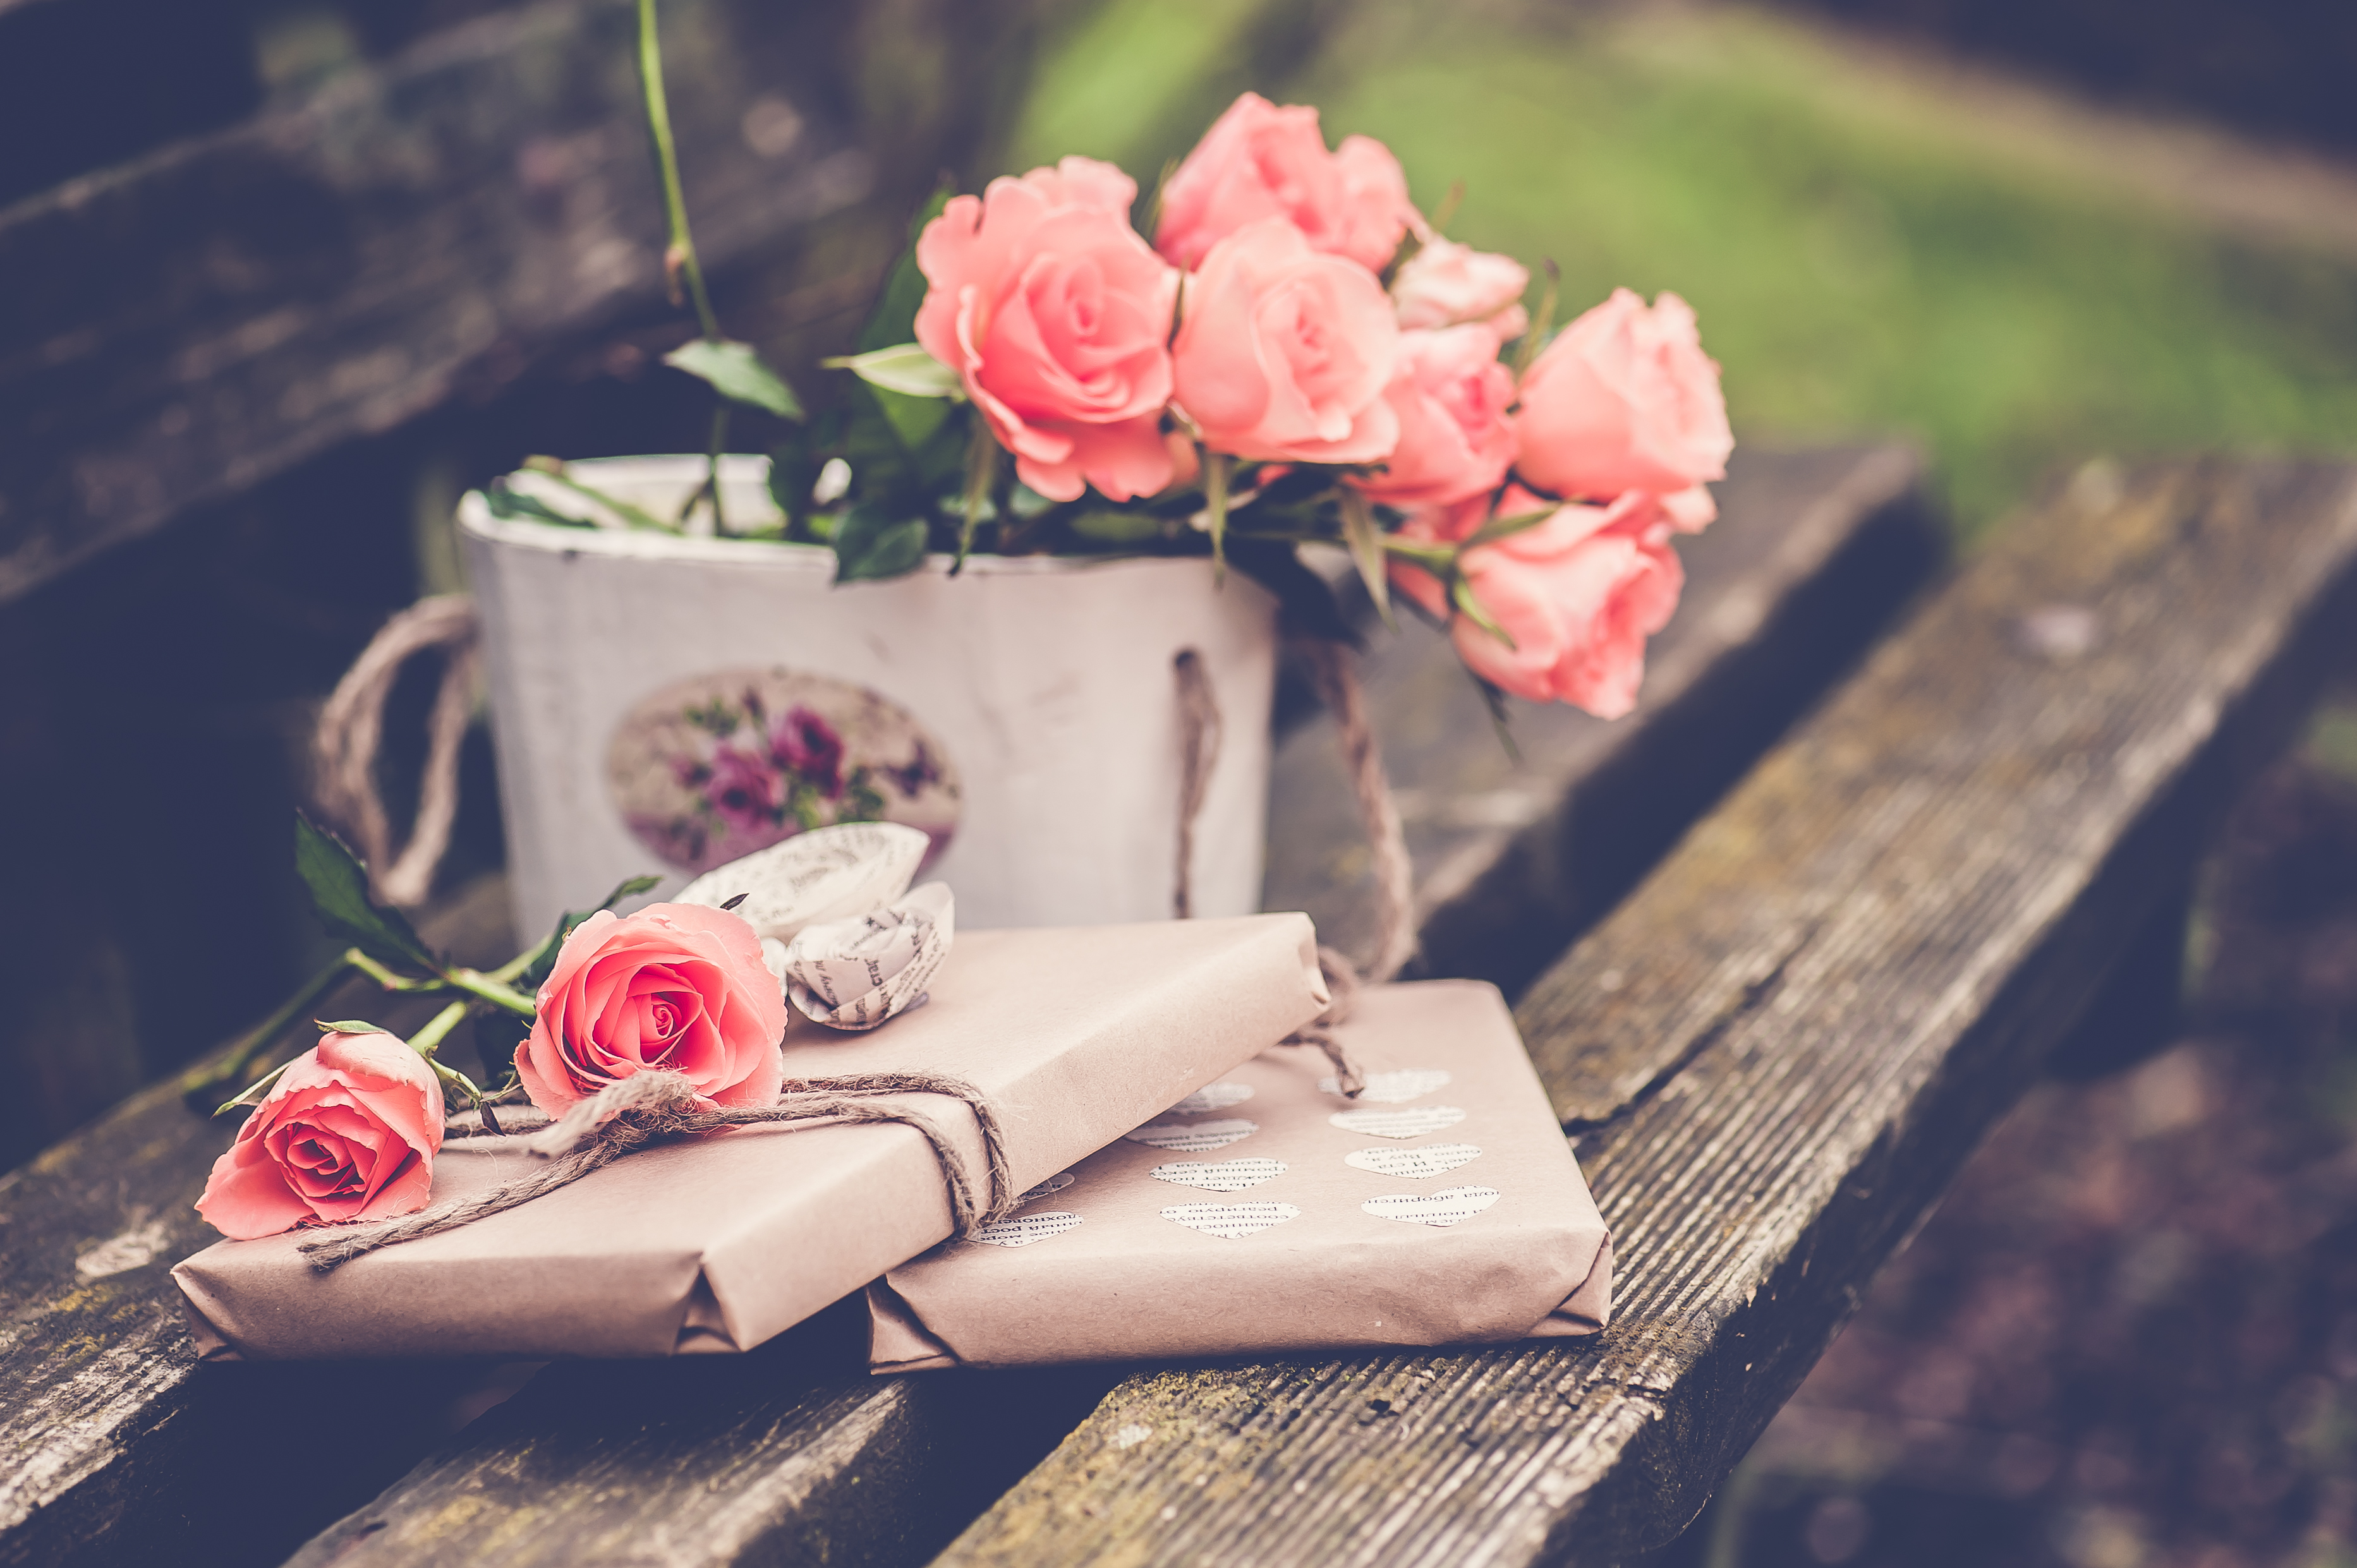 розы,упаковка,букет,праздник  № 759858 бесплатно